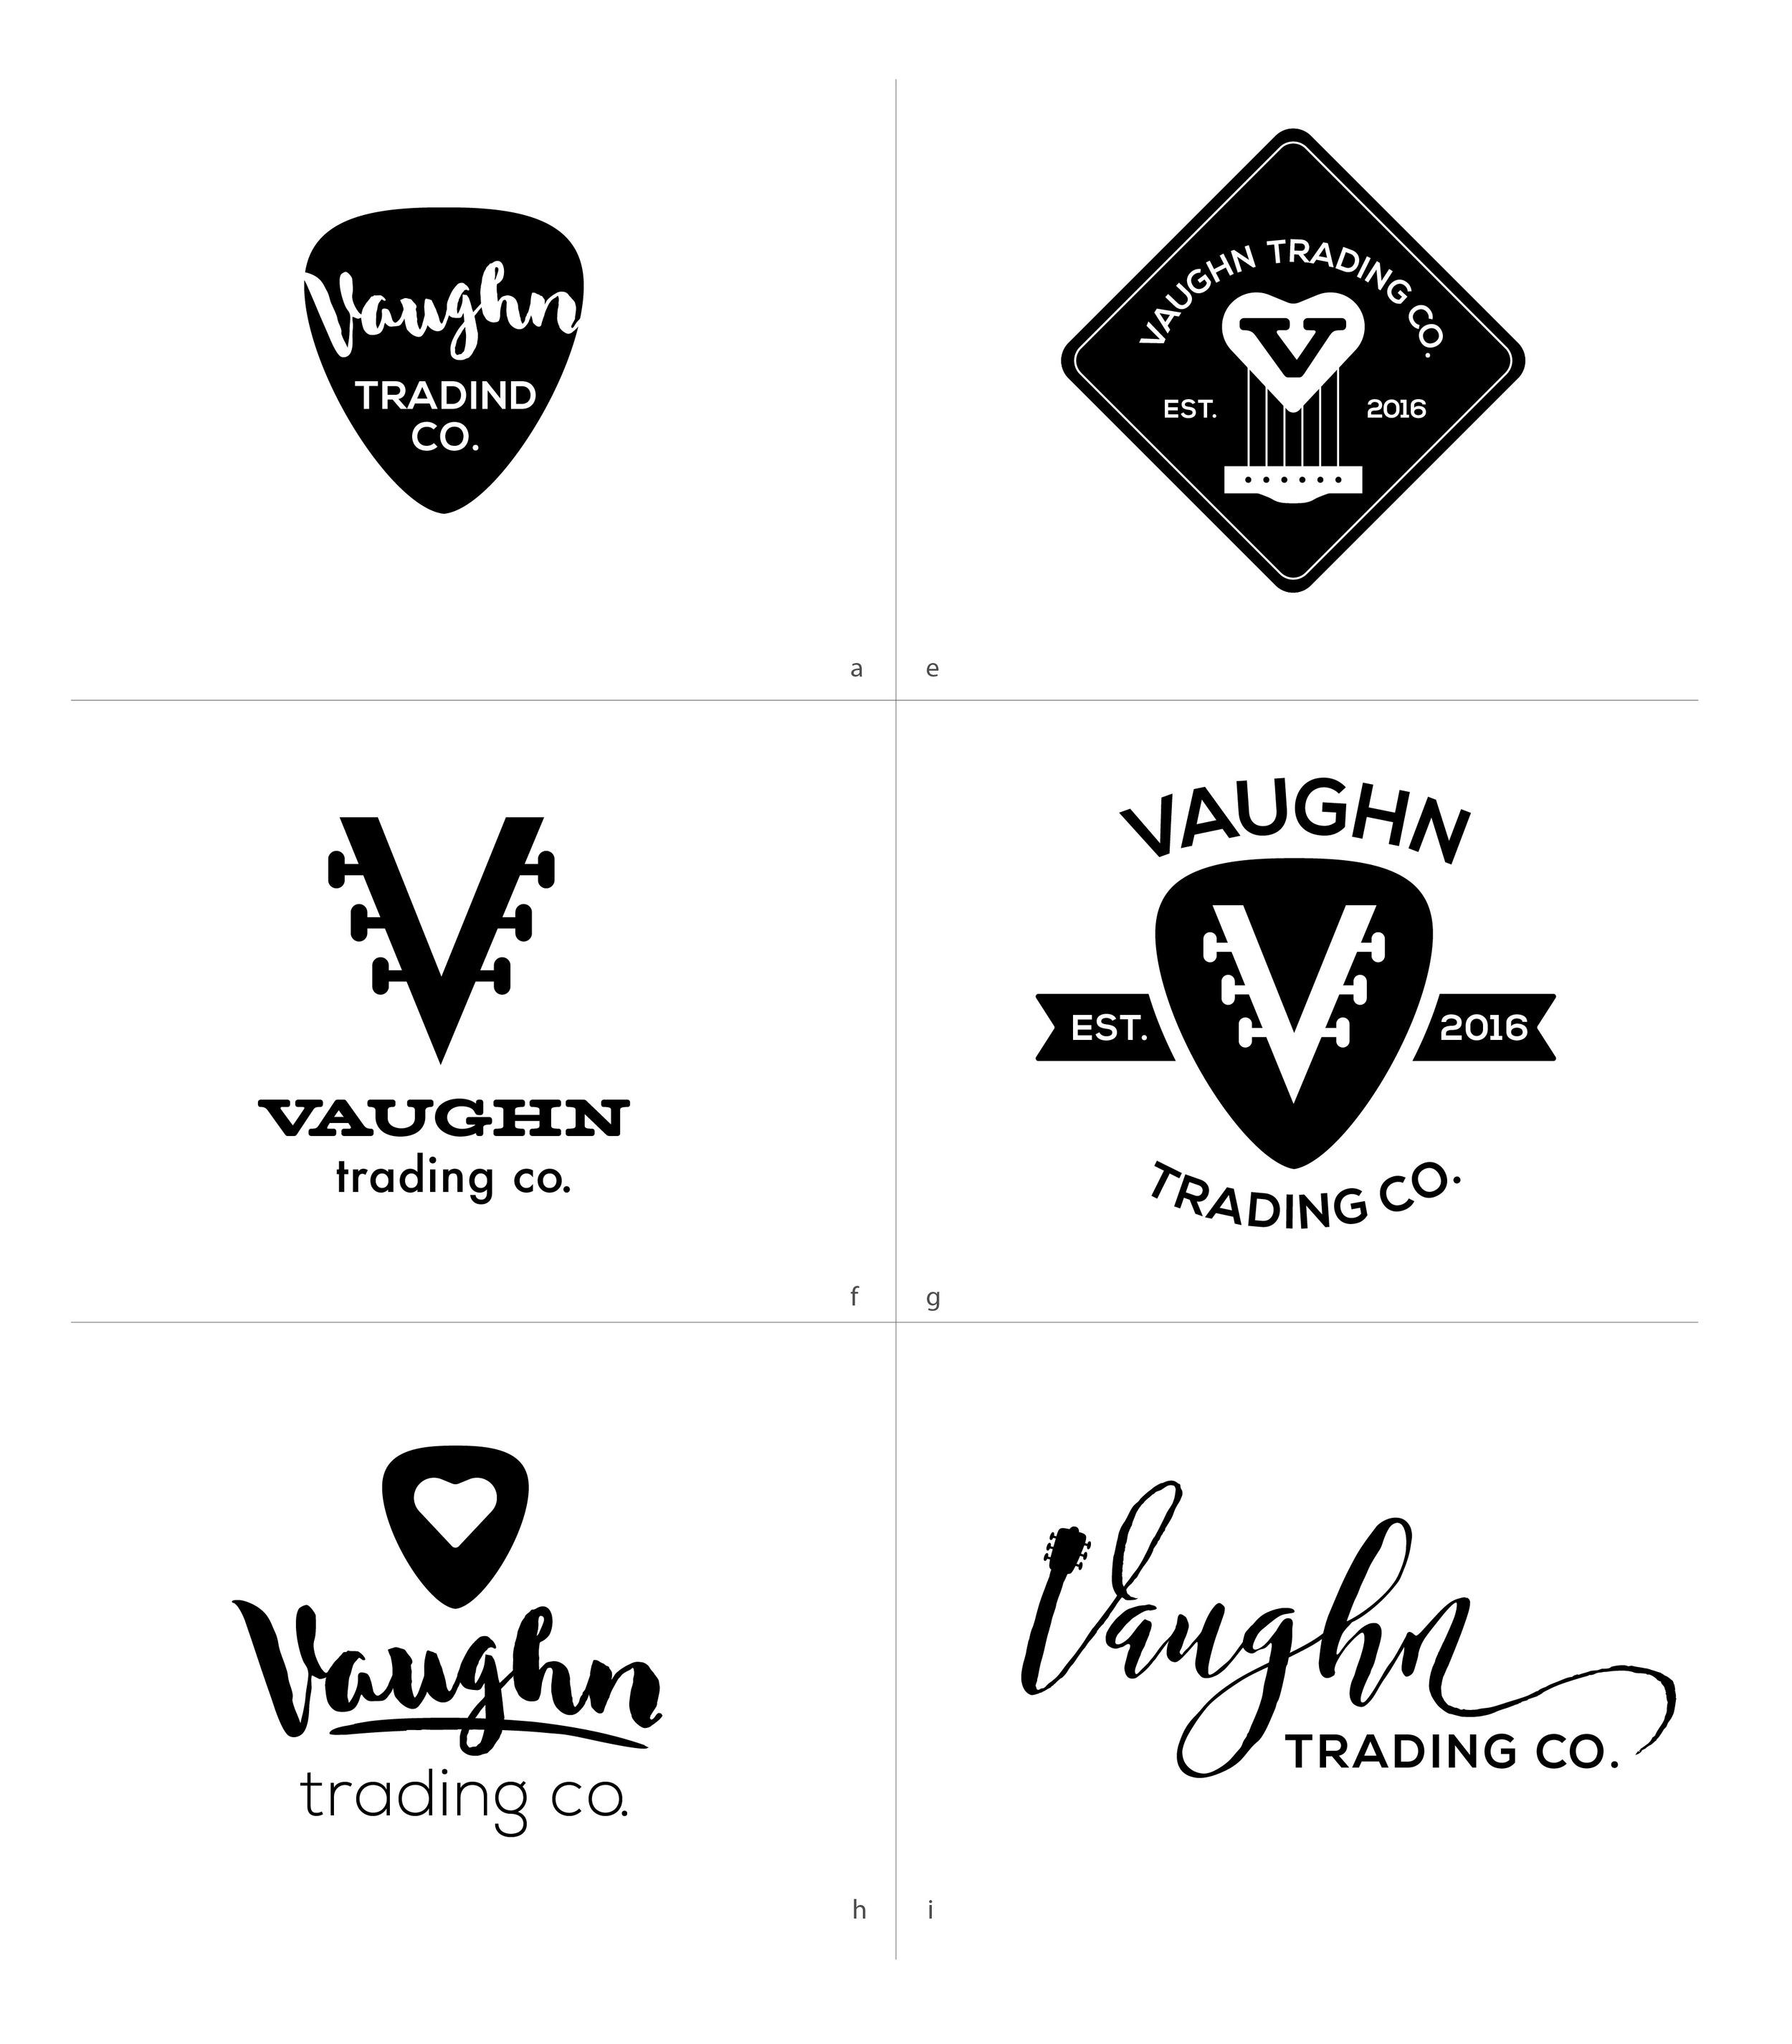 Vaughn Trading Co. Logo Design